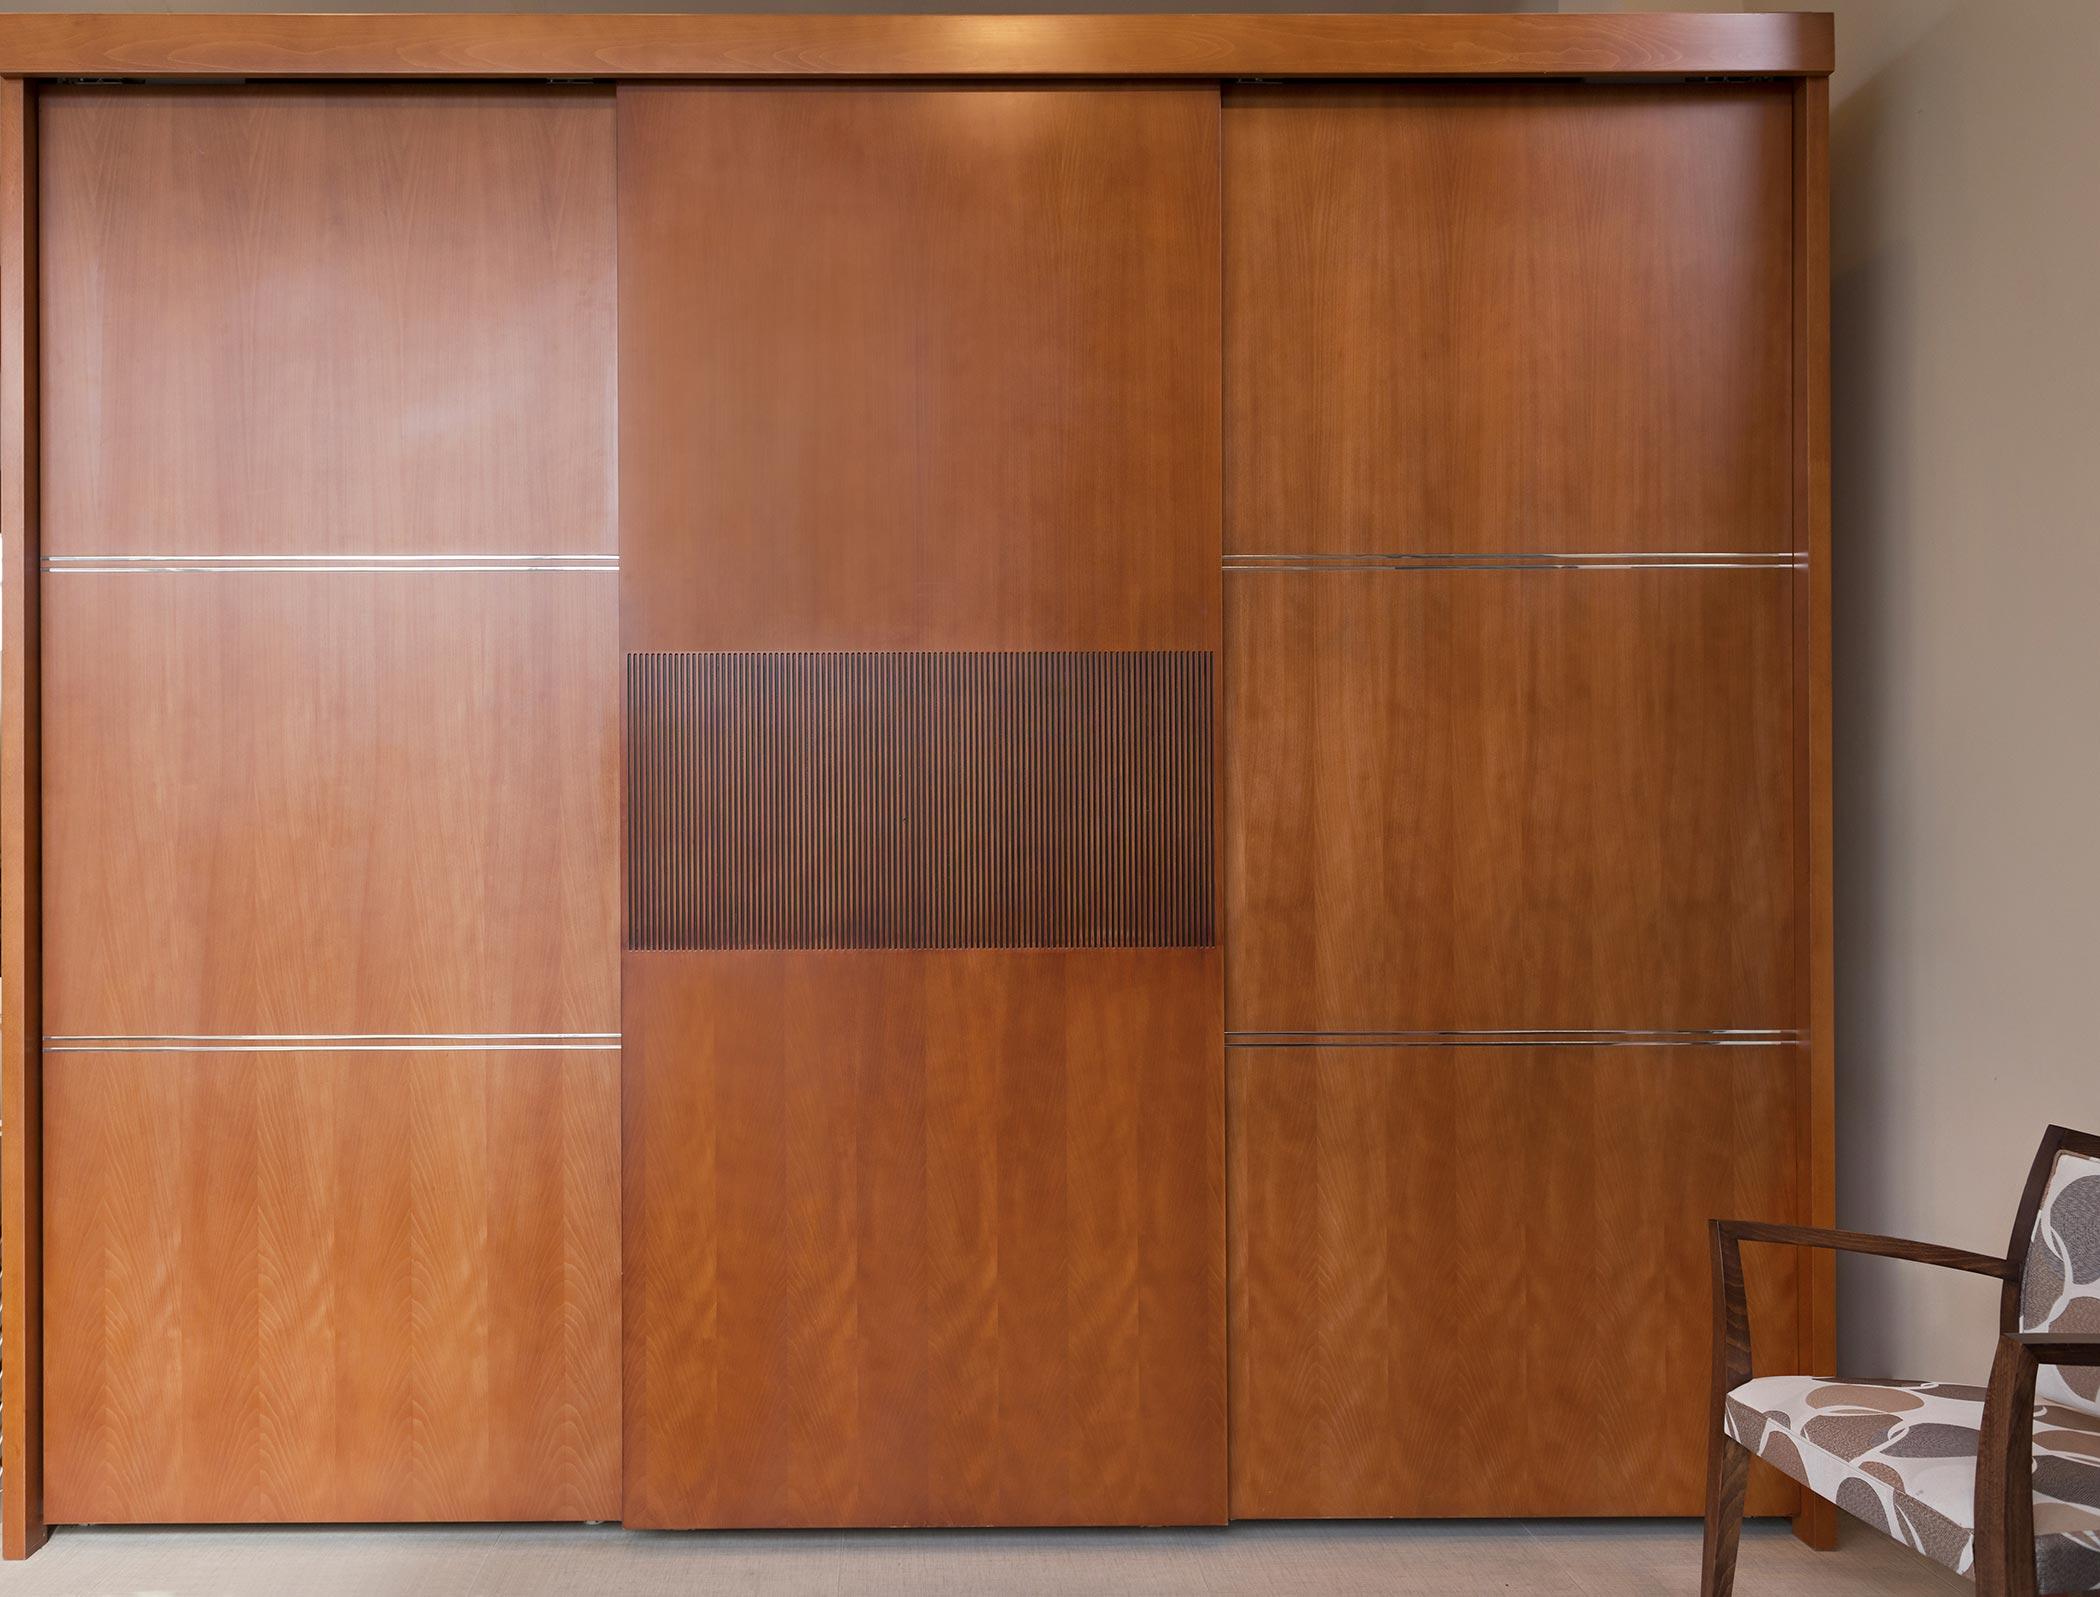 Изготовление дверей для шкафов купе своими руками